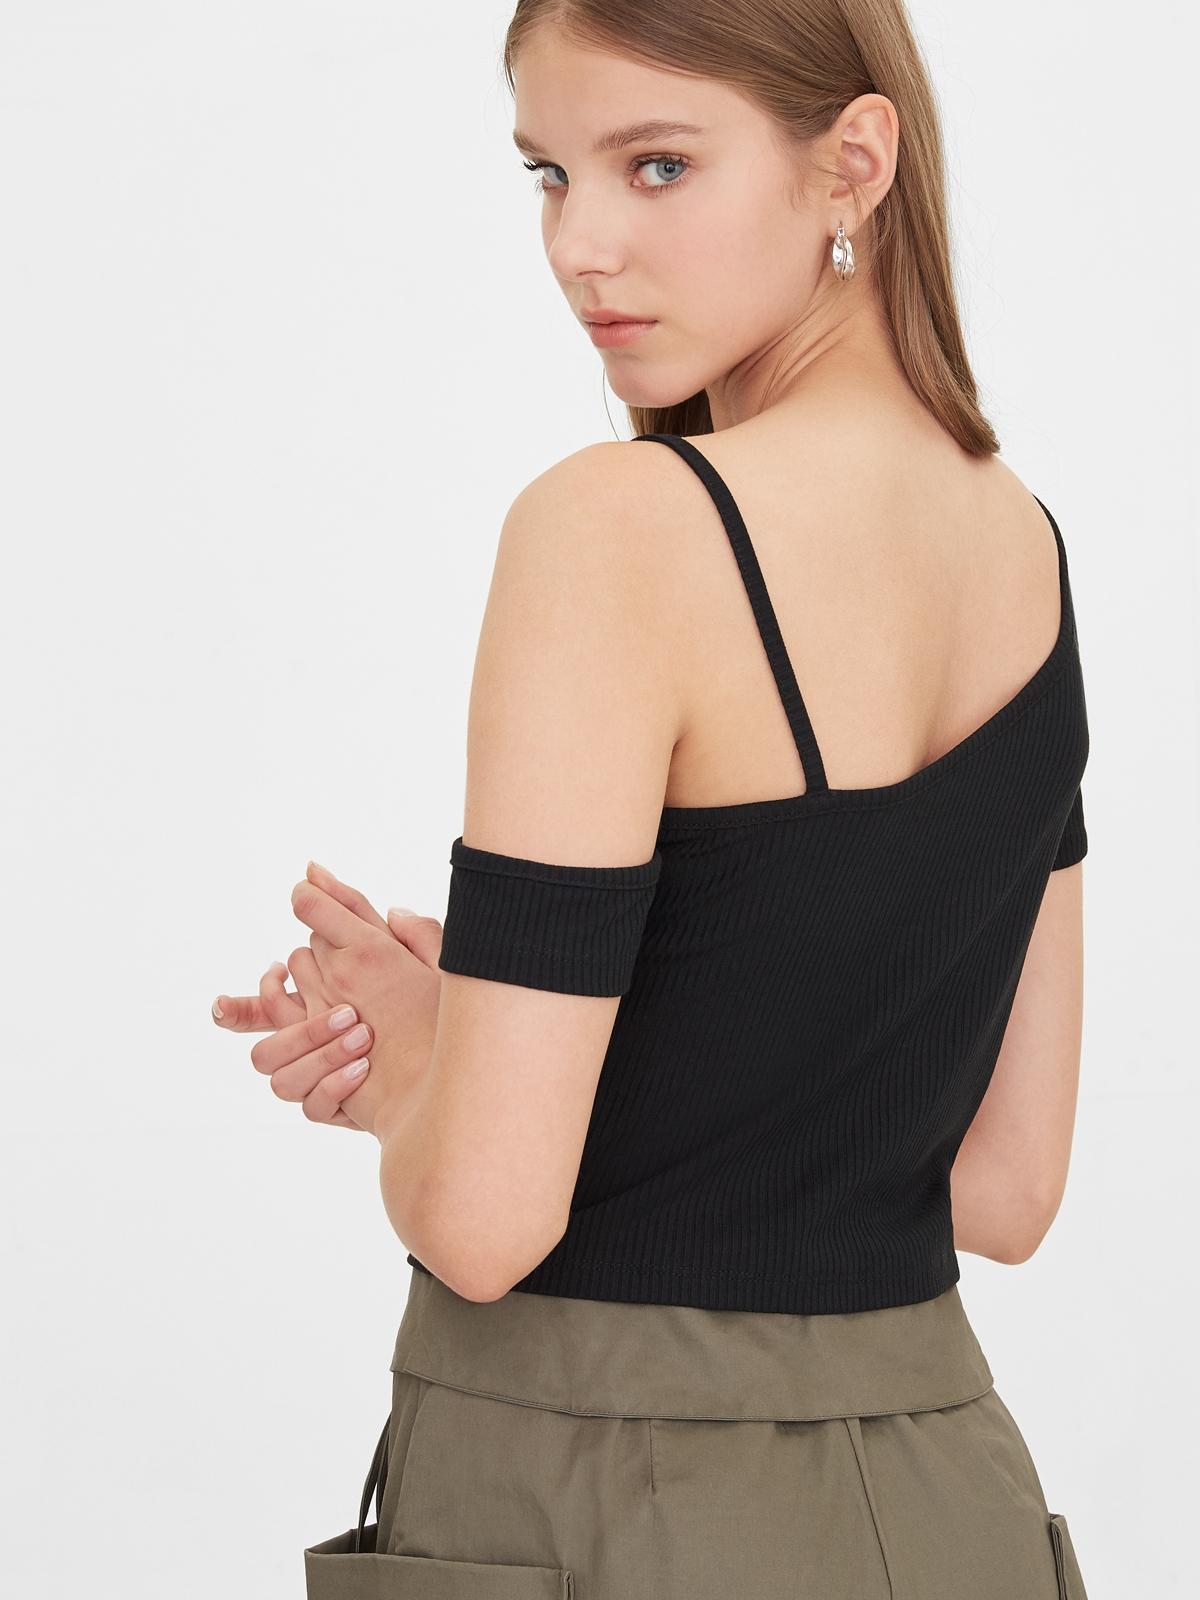 One Shoulder Strap Crop Top Black